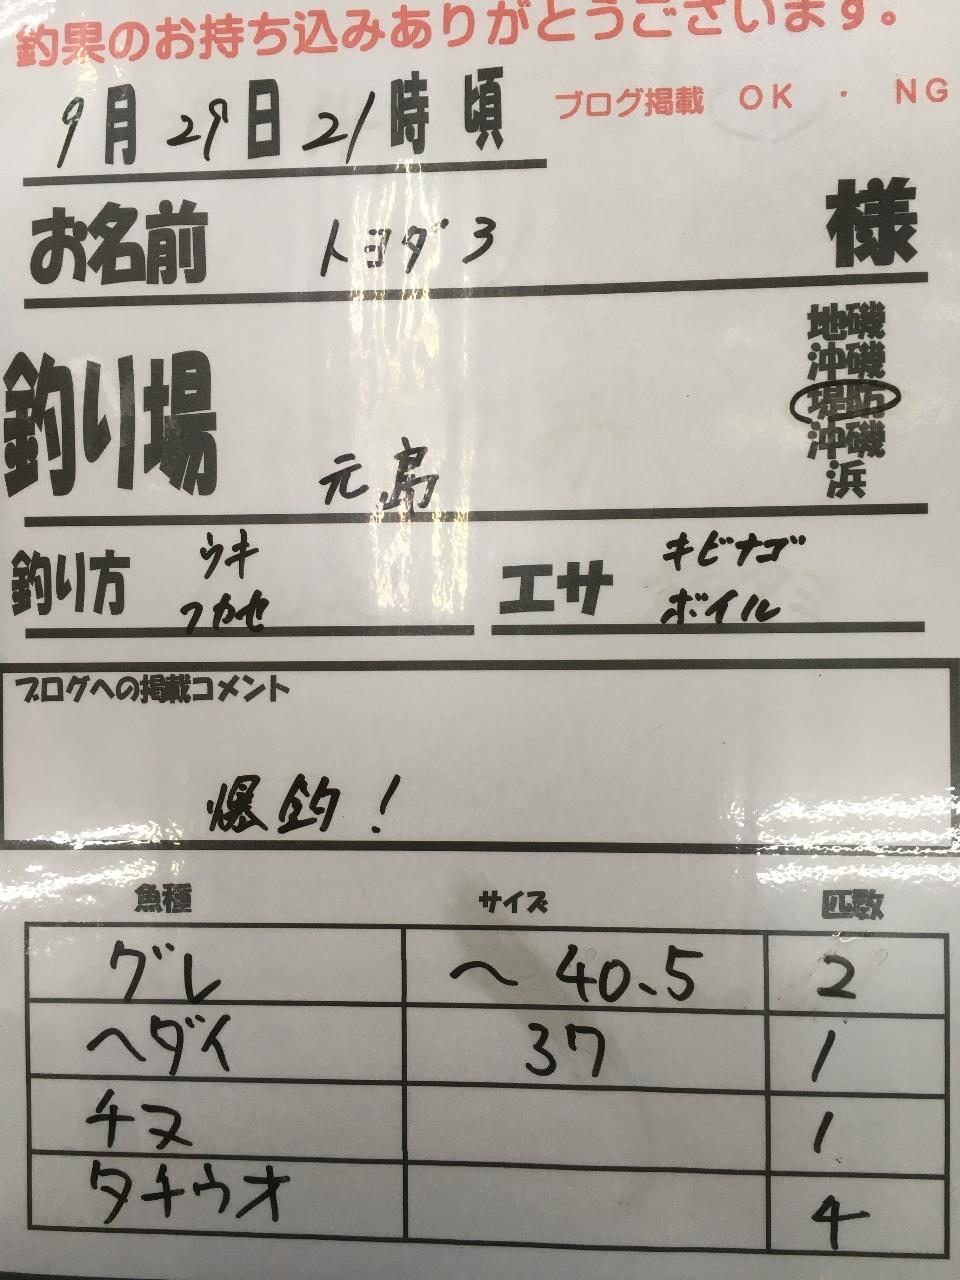 9/29 みなべ店持ち込み釣果